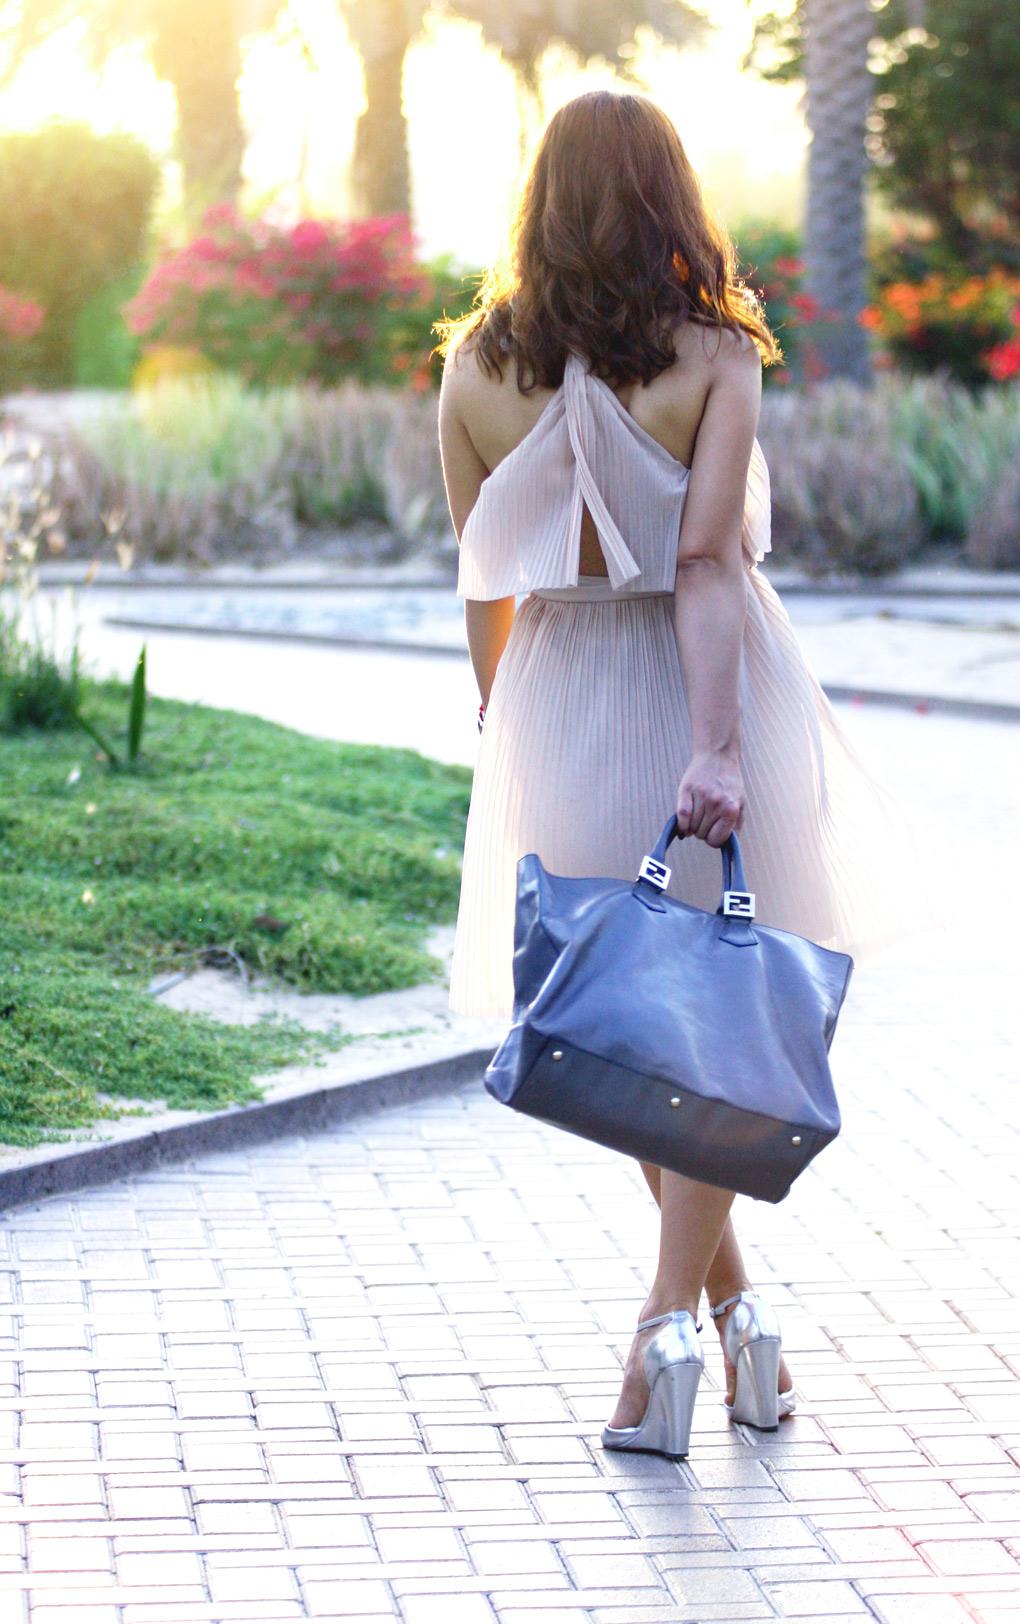 Lyla_Loves_Fashion_fendi_Asos_Hm_dress__5686